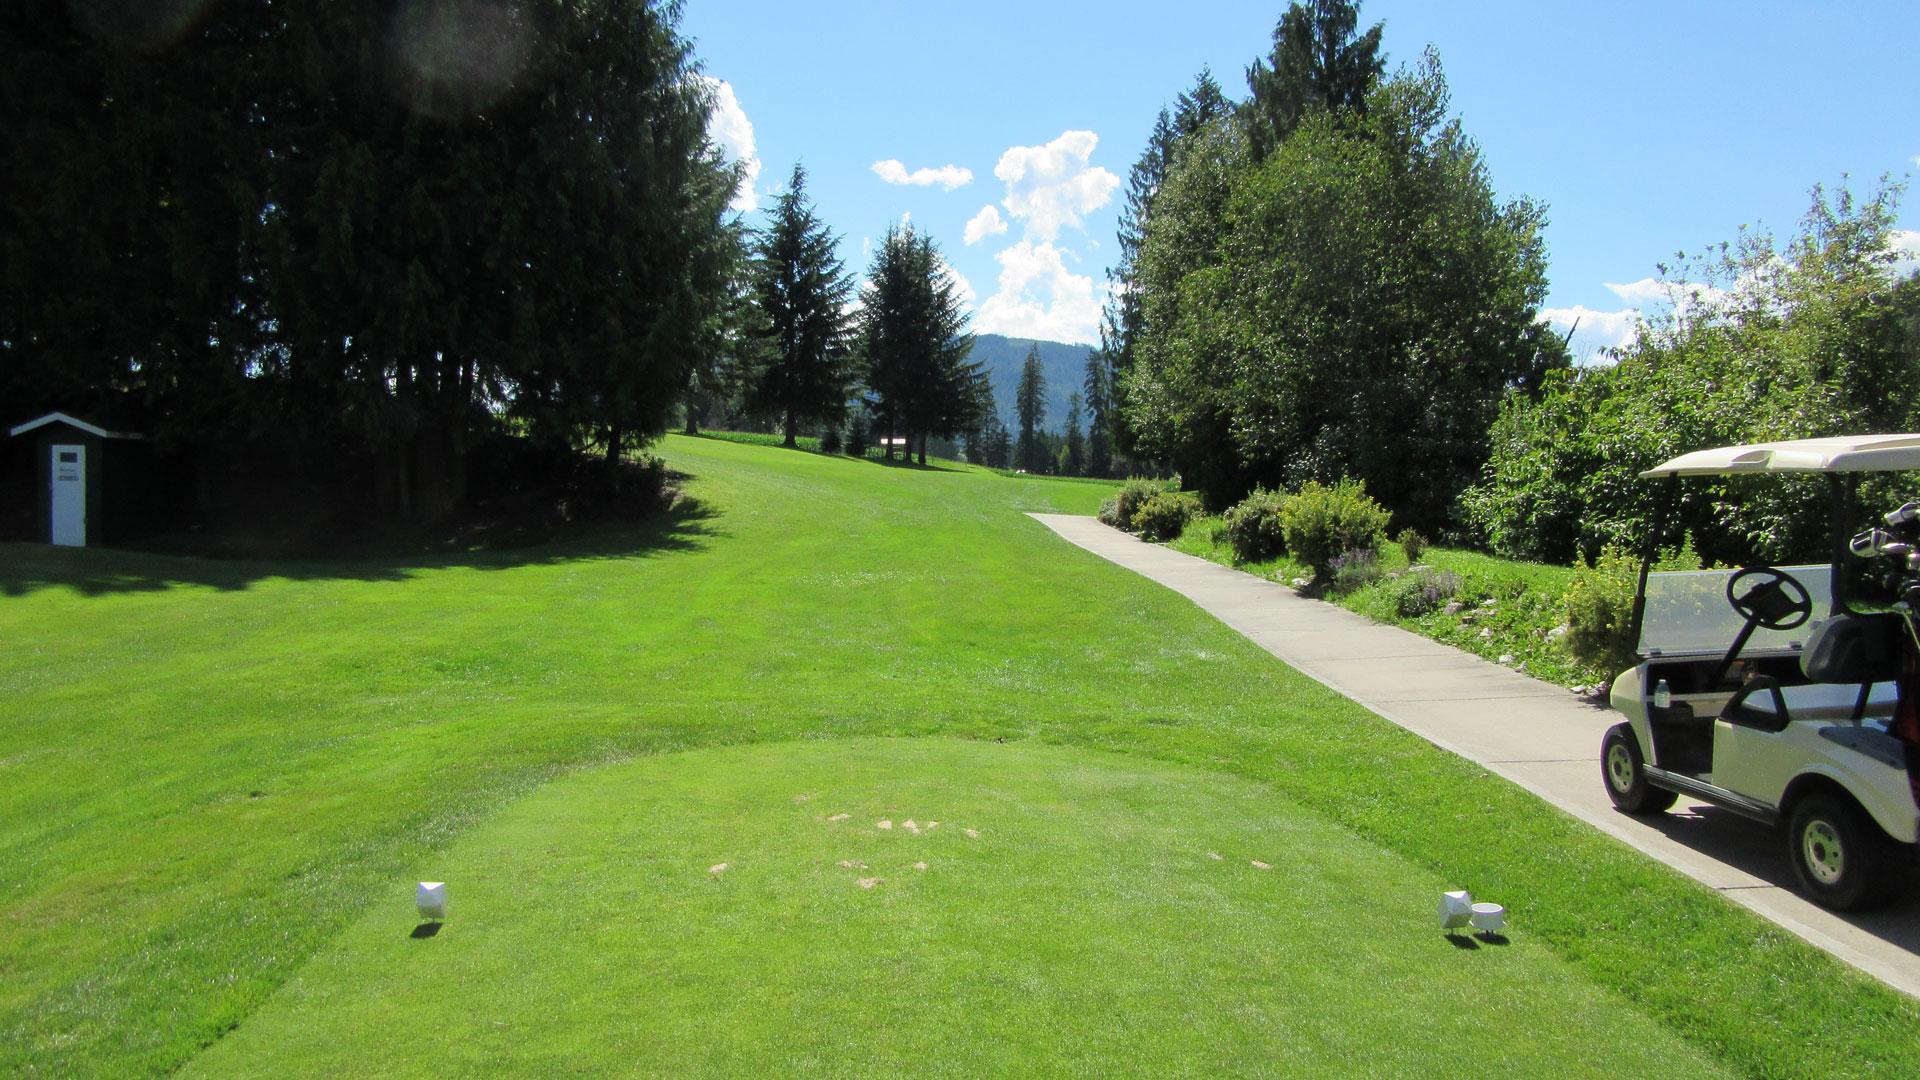 Eagle River Golf - Hole 4 Tee